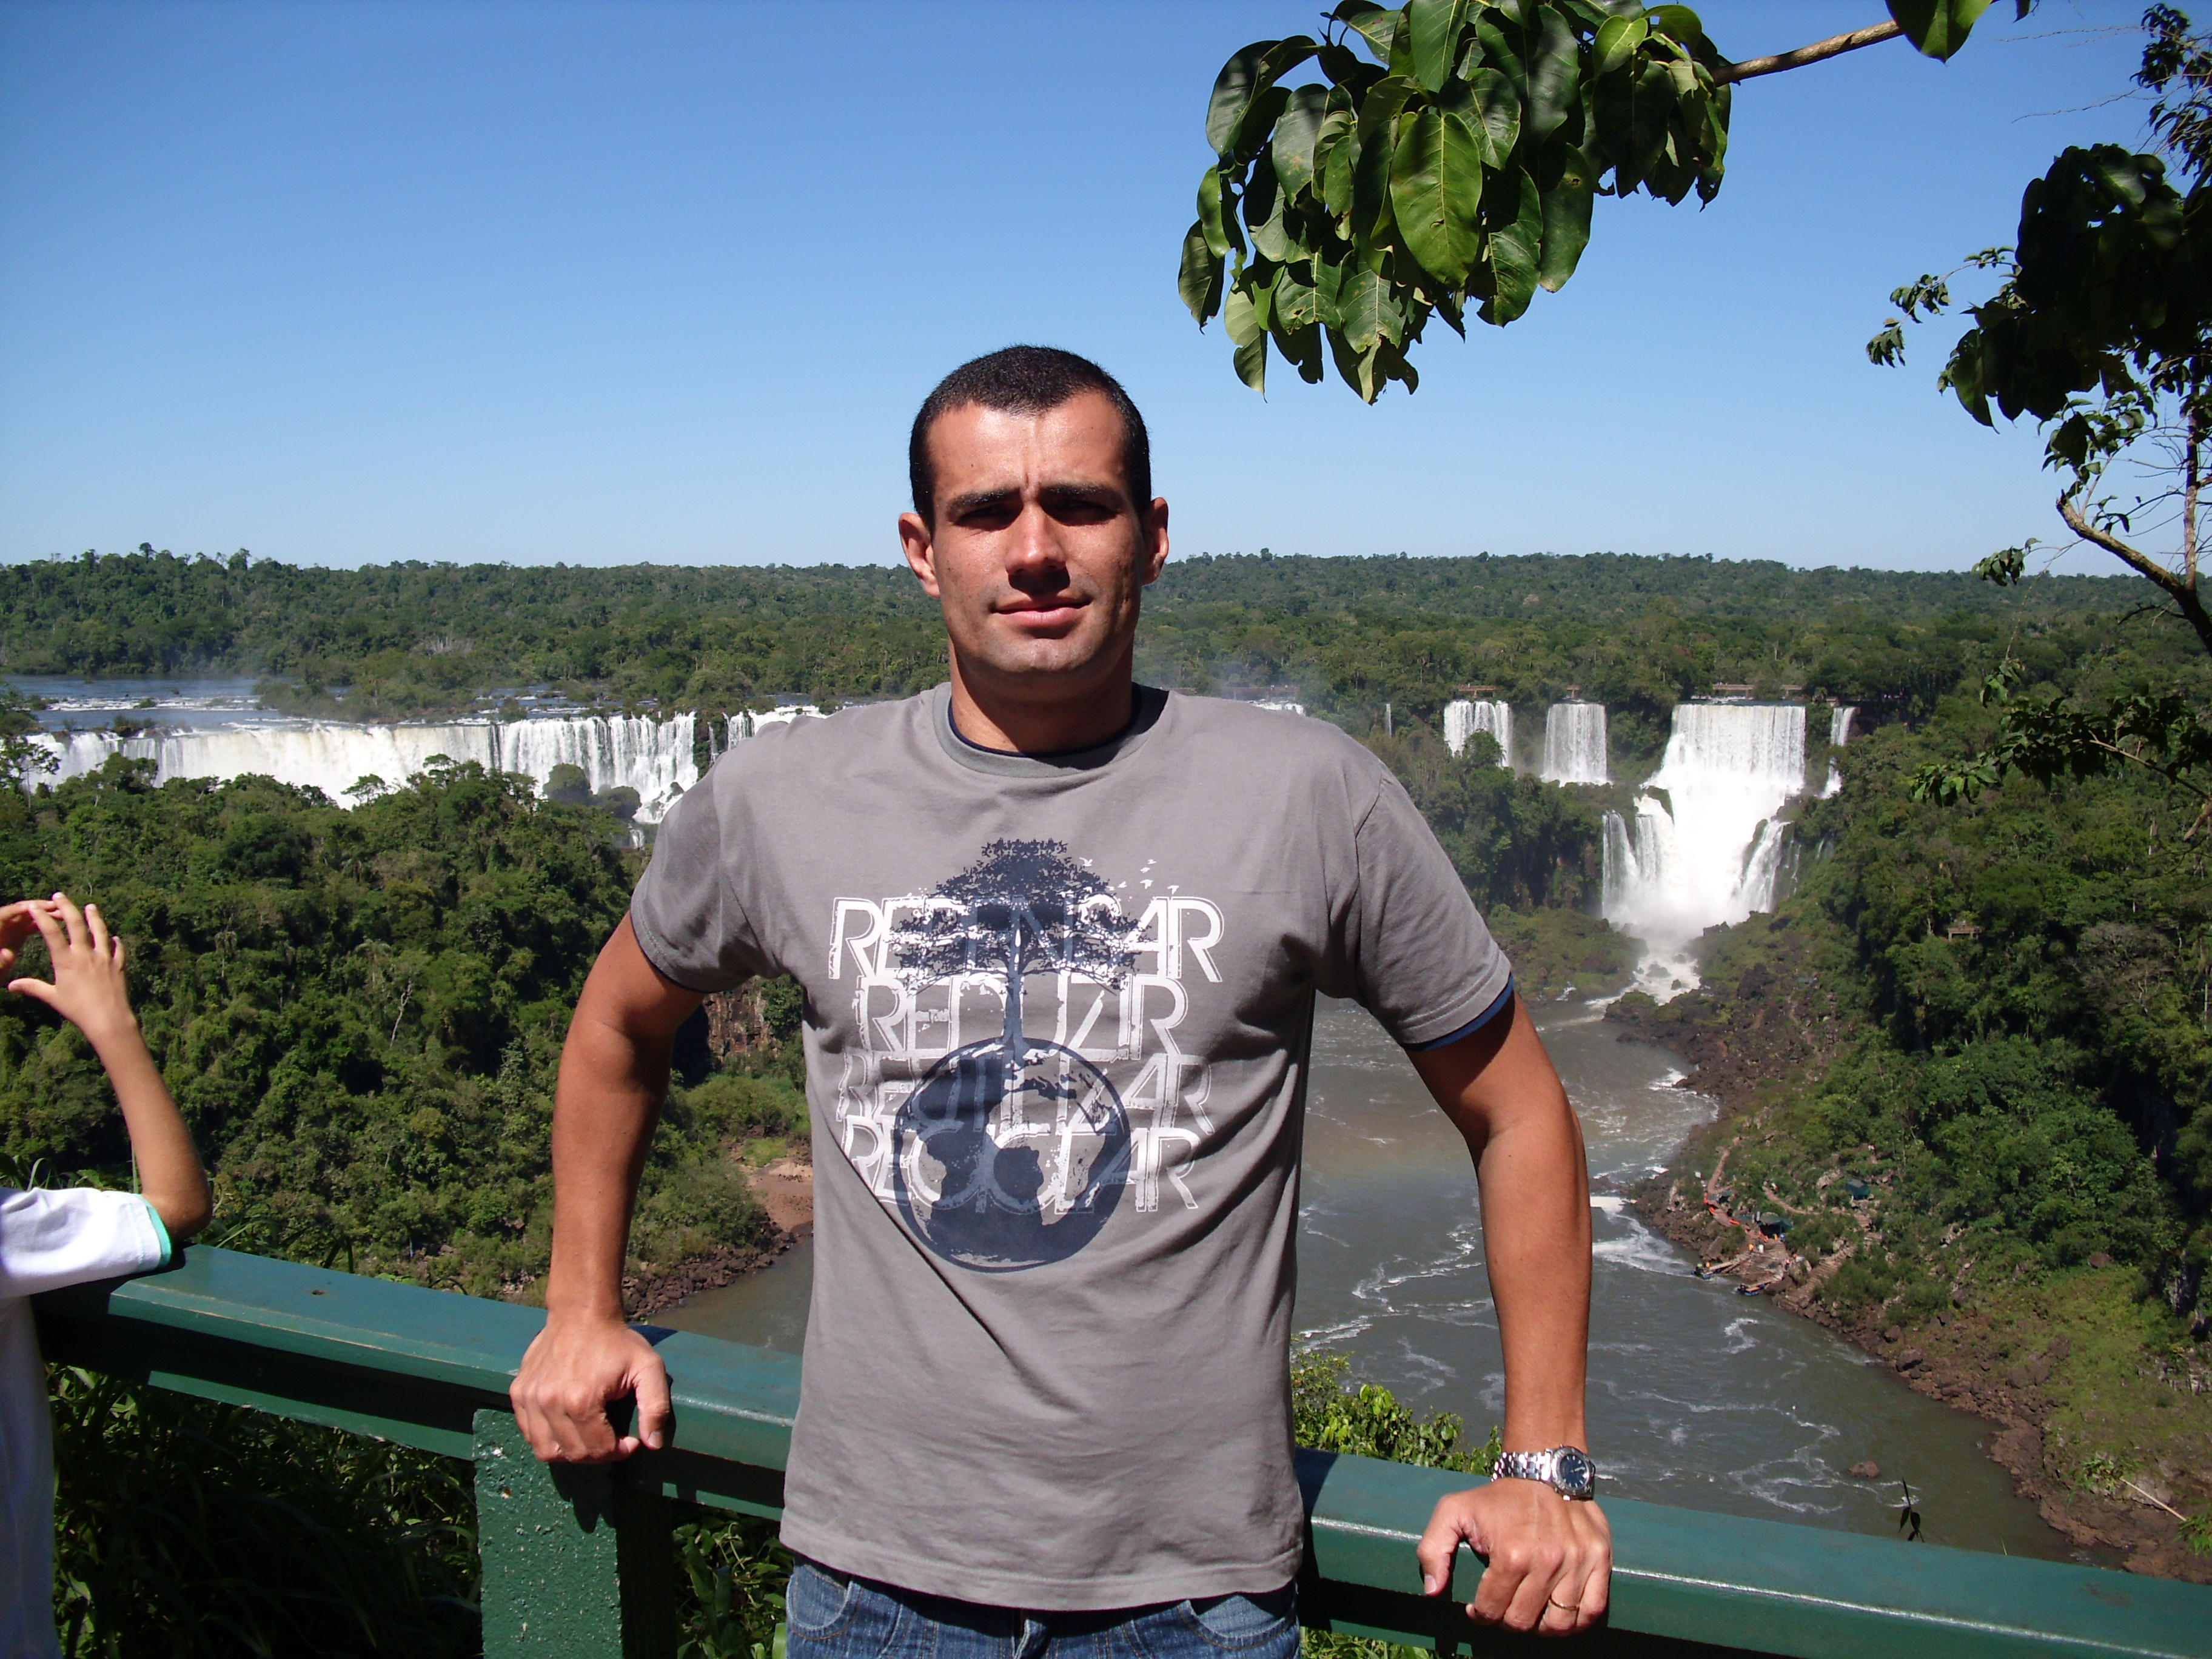 Joel Rocha -  Oficial de Fazenda da SEFAZ/RJ e aprovado no concurso para Auditor Fiscal da Receita Federal (concurso ainda não homologado)